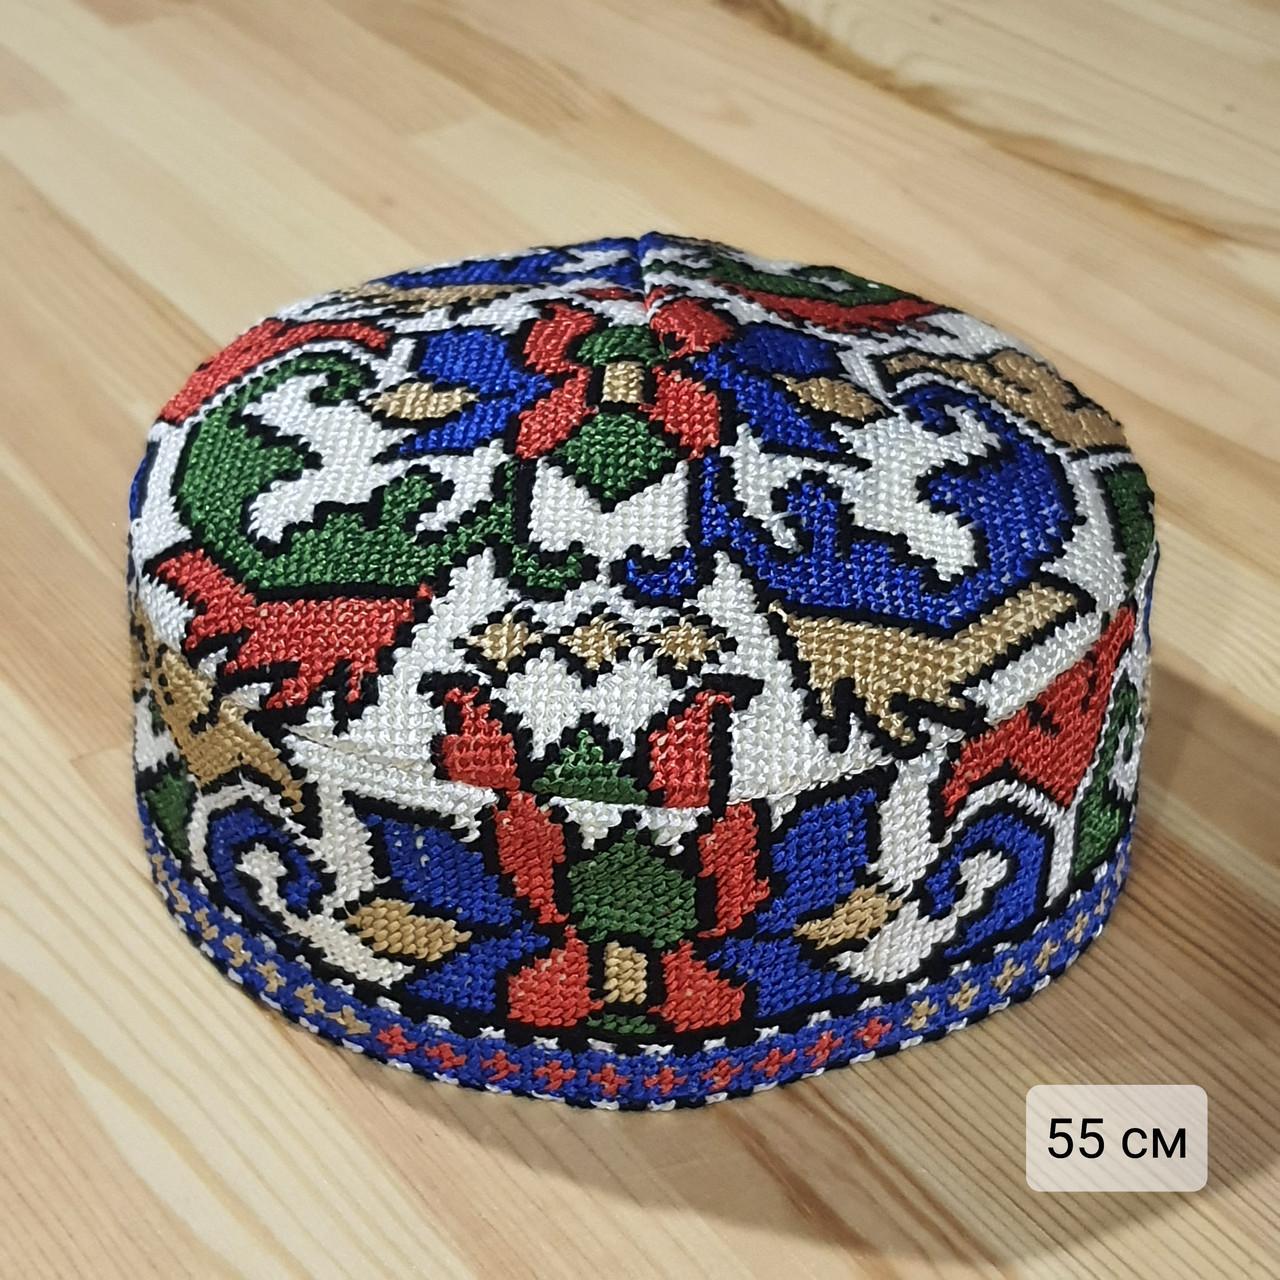 Узбекская тюбетейка 55 см. Ручная вышивка. Узбекистан (55_6)